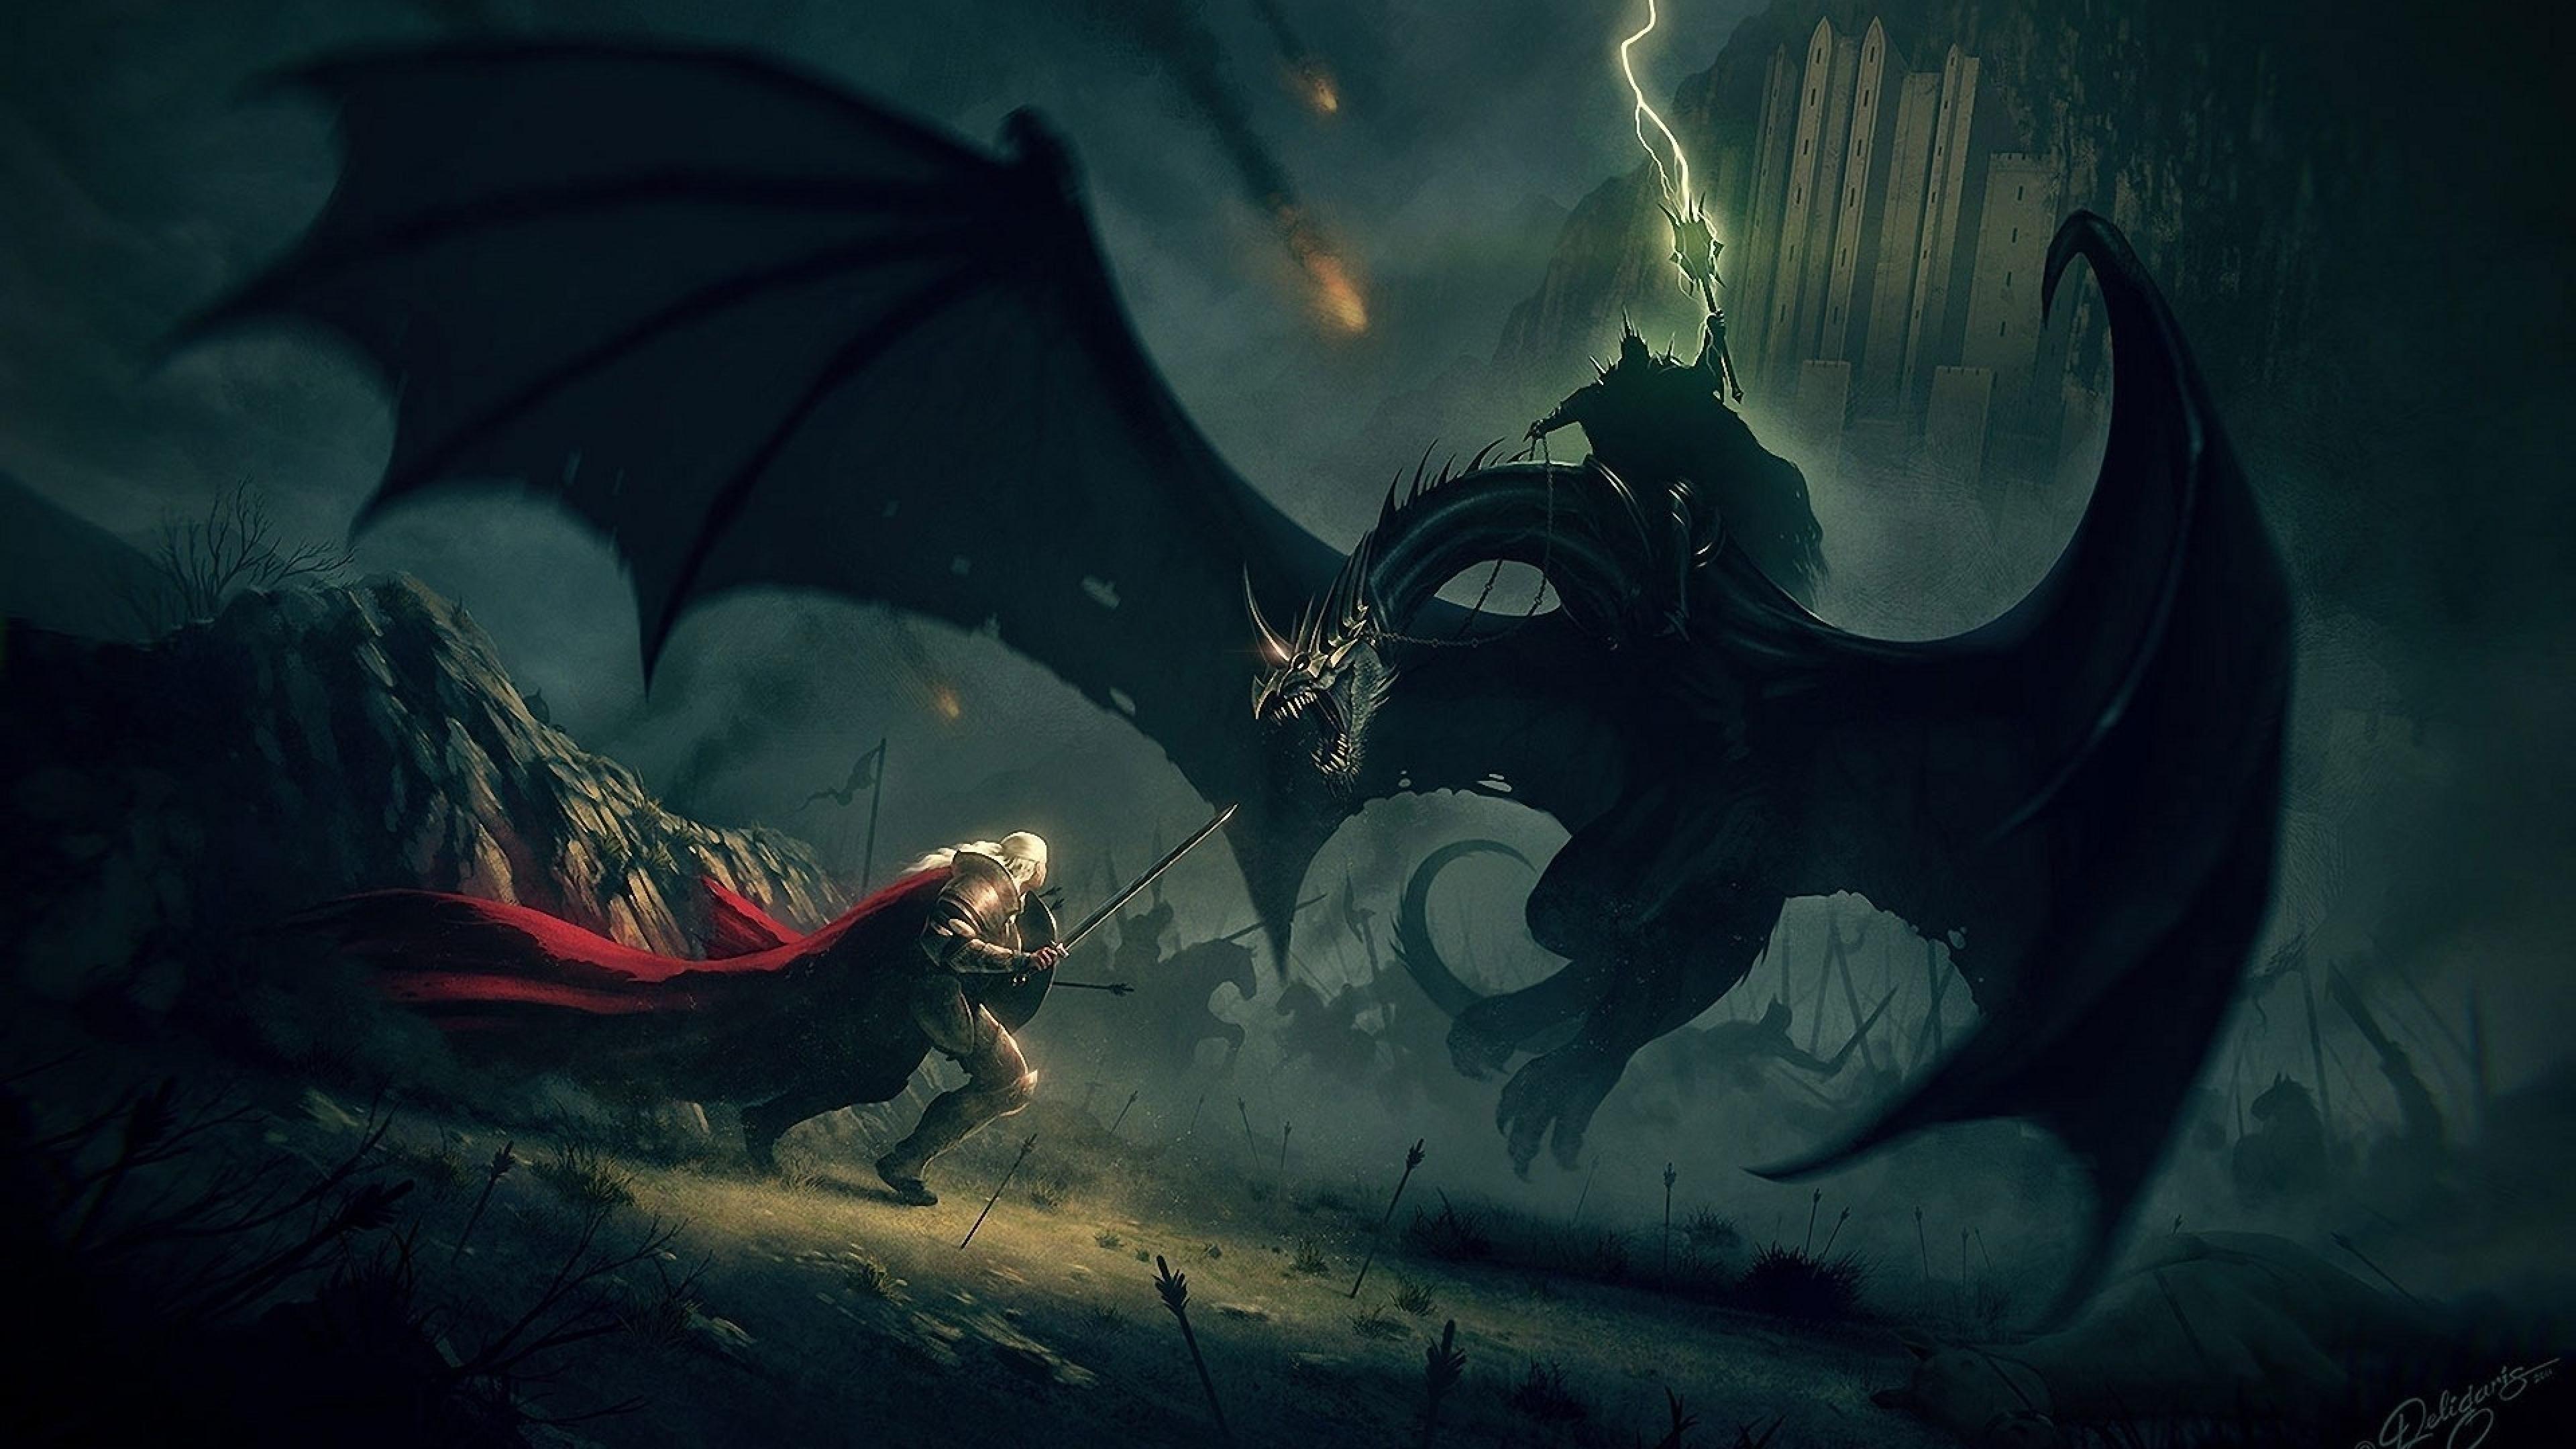 En la película la bestia alada muerde en el cuello a Crinblanca, el caballo de Theoden. ¿En el libro cómo ocurre?